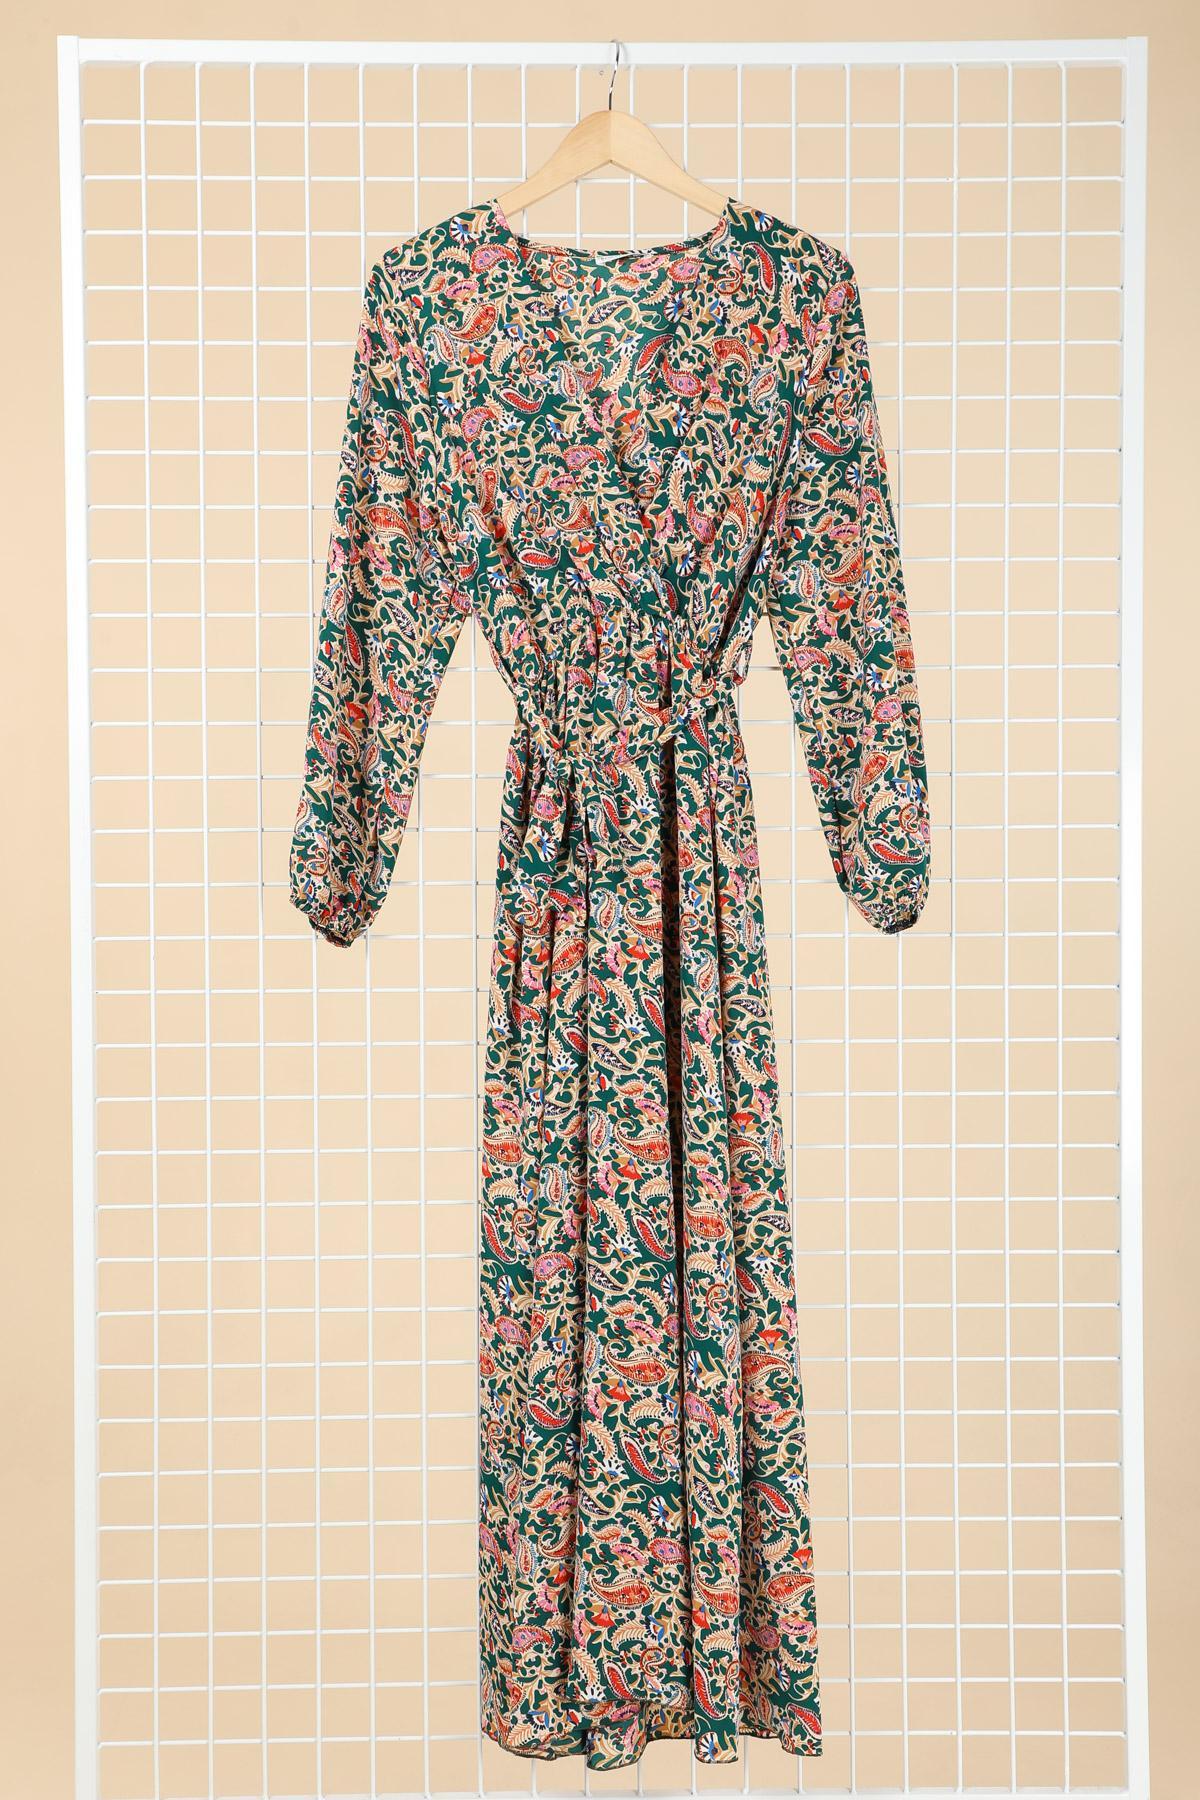 Robes longues Femme Vert YFASHION 2180C #c Efashion Paris